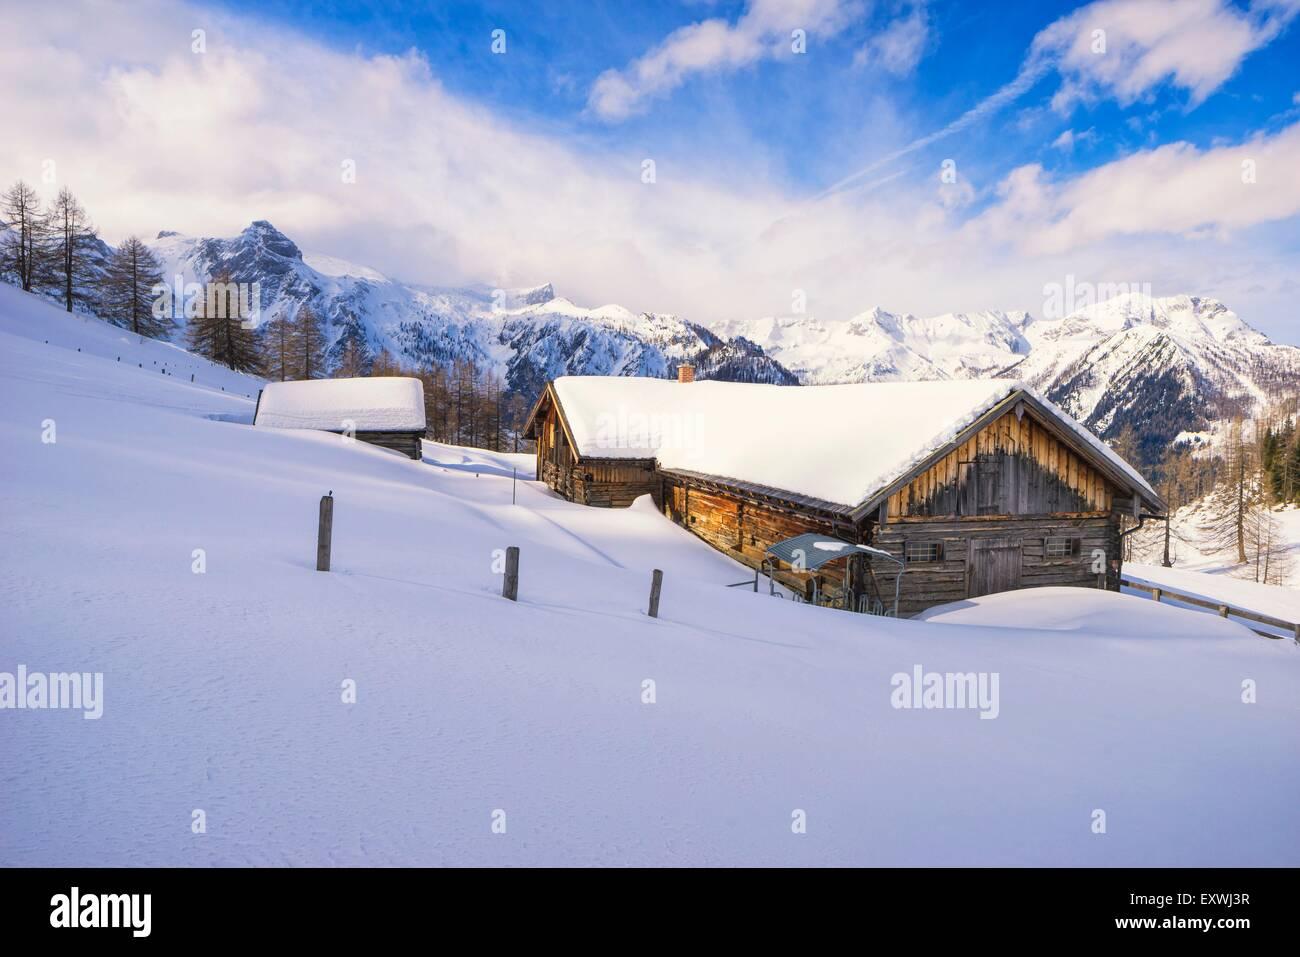 Alp hut in snow, Hafeichtalm, Radstaedter Tauern, Pongau, Salzburger Land, Austria, Europe Stock Photo